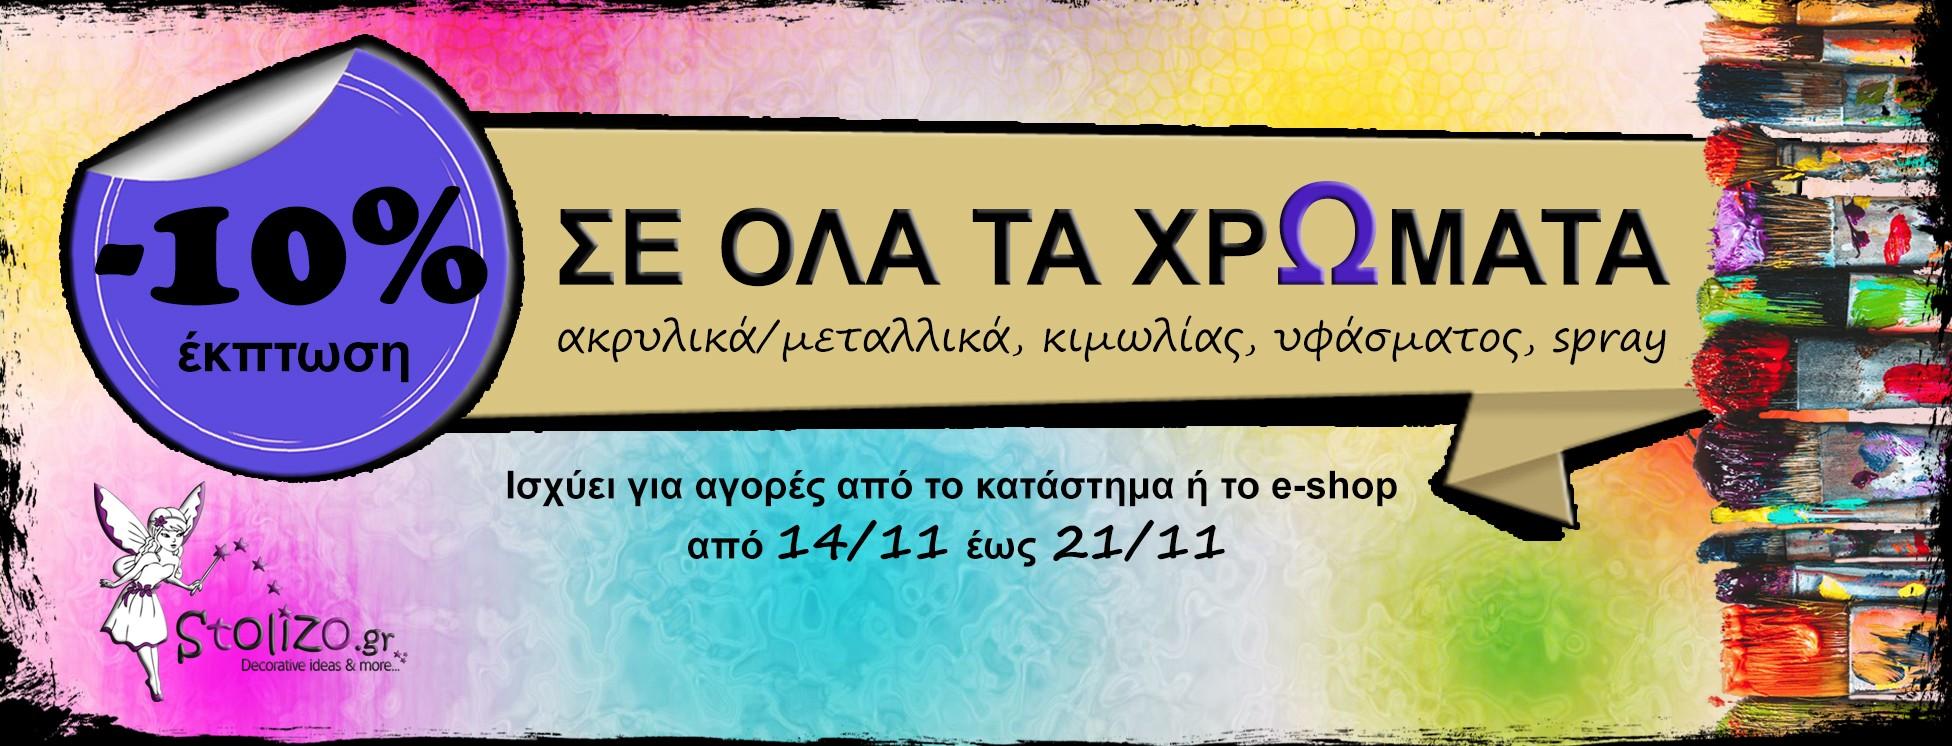 Έκπτωση 10% σε χρώματα στο stolizo.gr